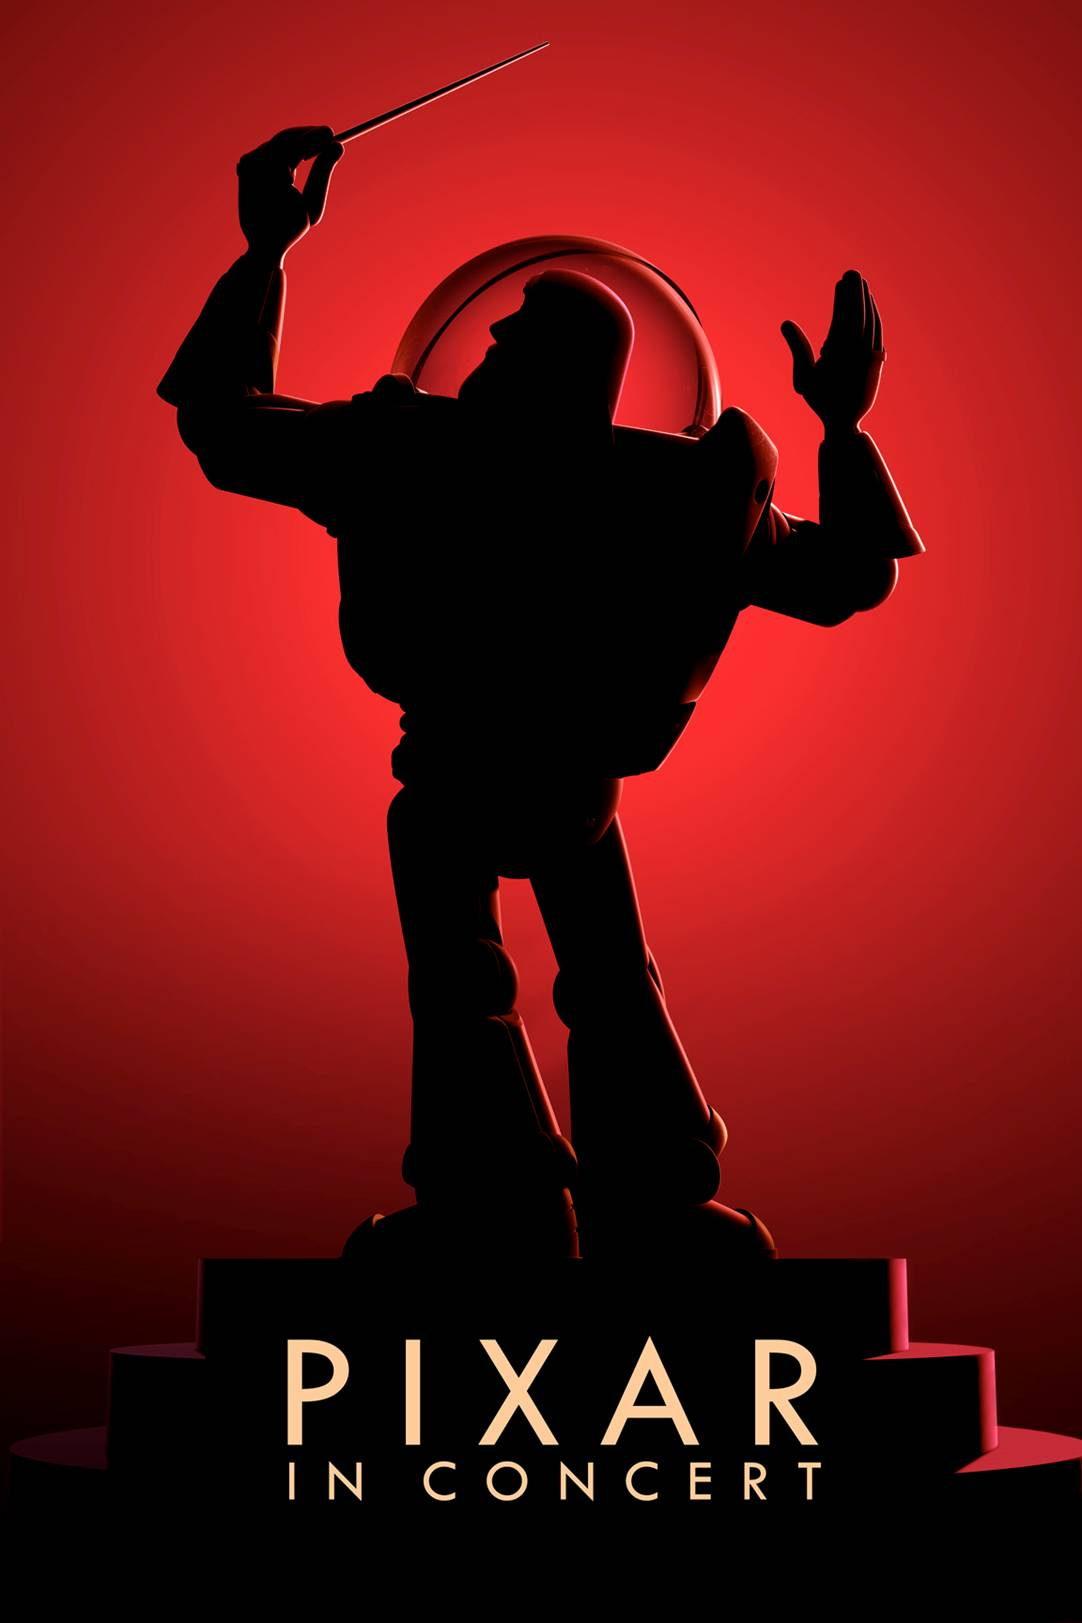 REVIEW: Pixar in Concert